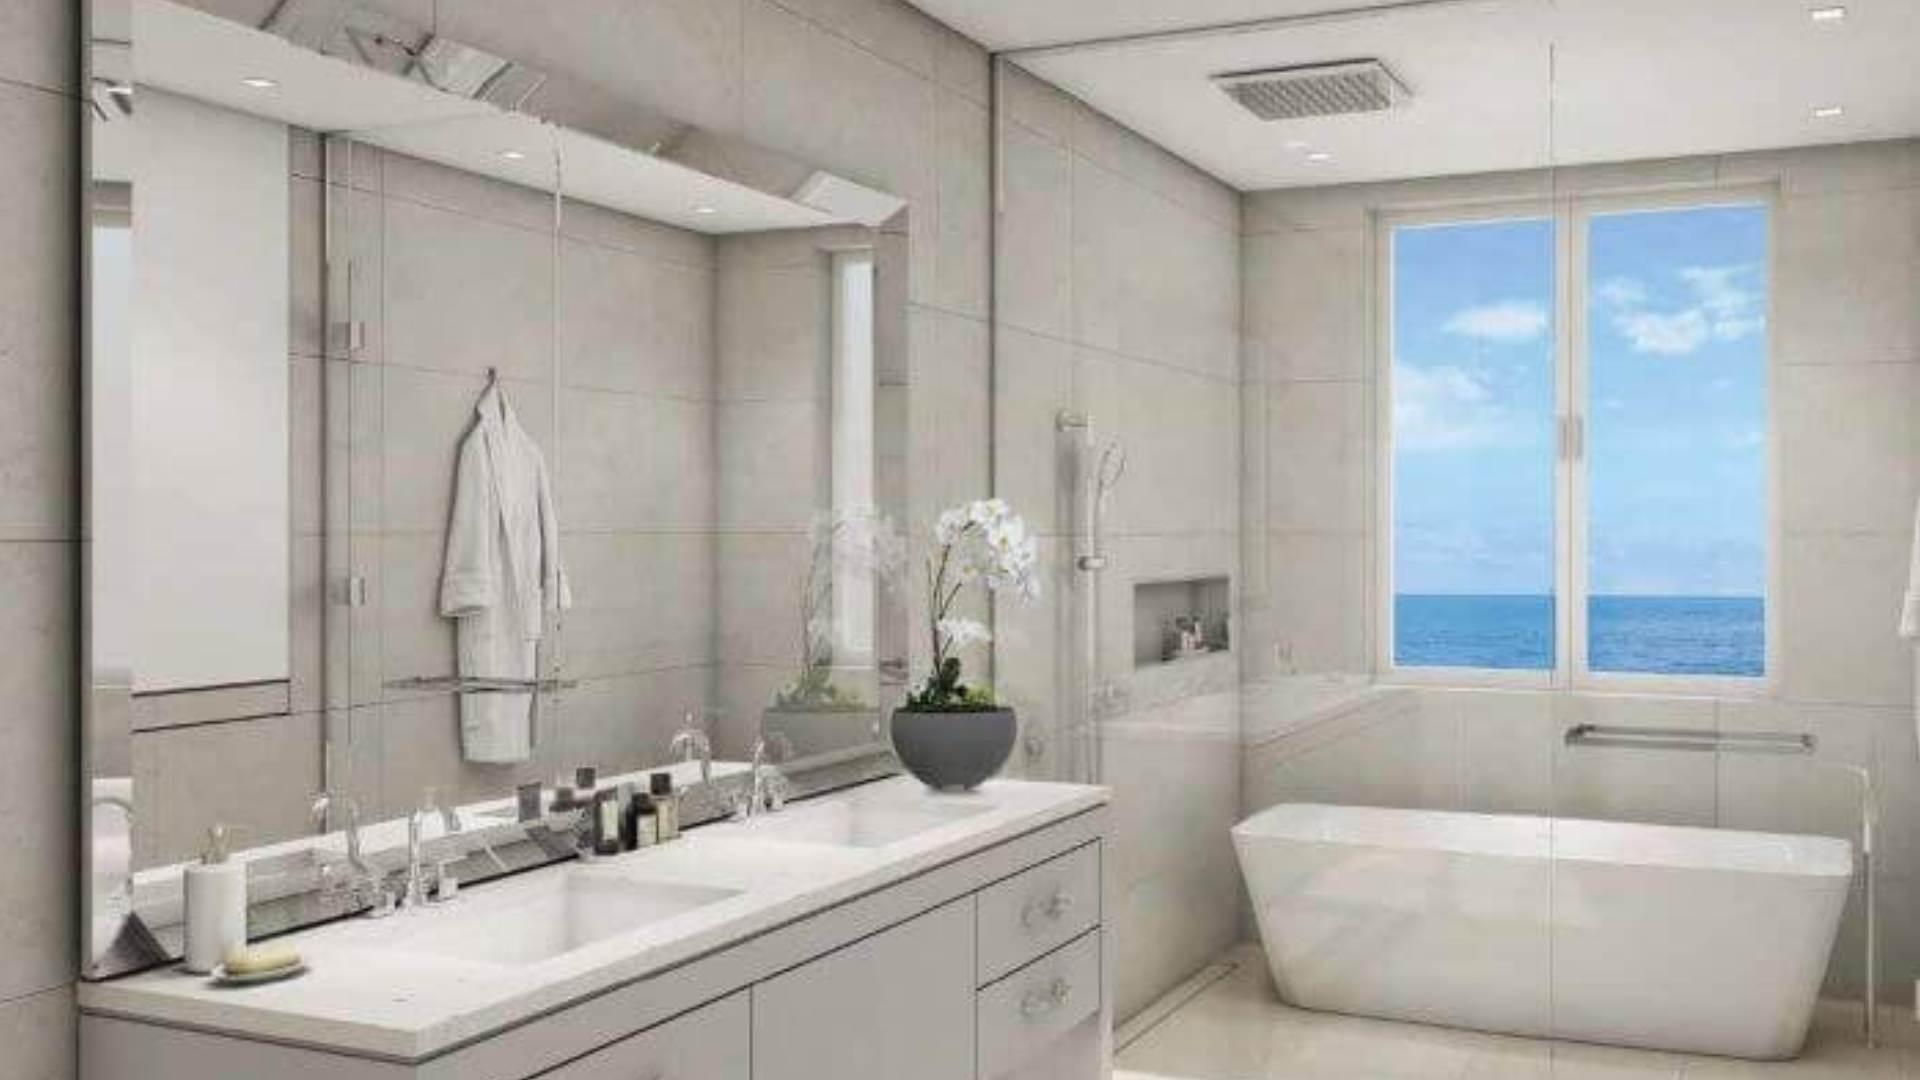 Adosado en venta en Dubai, EAU, 4 dormitorios, 445 m2, № 24331 – foto 2